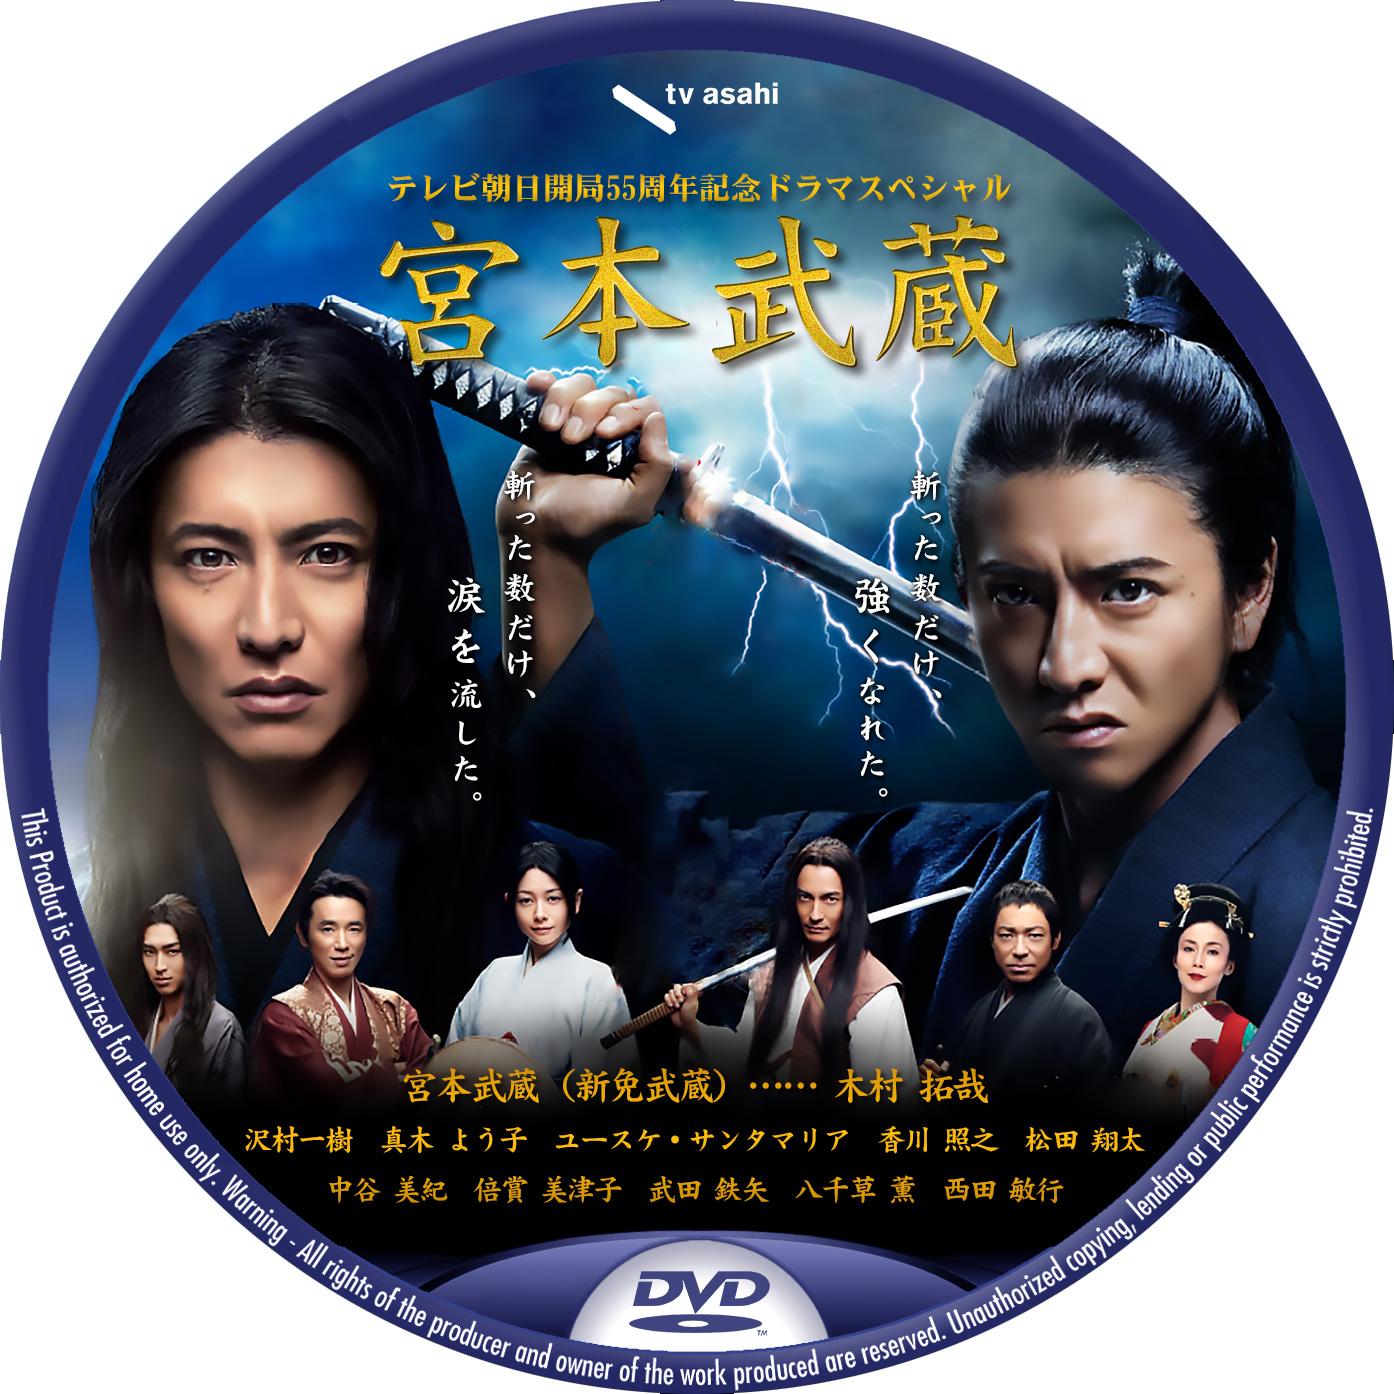 宮本 武蔵 dvd